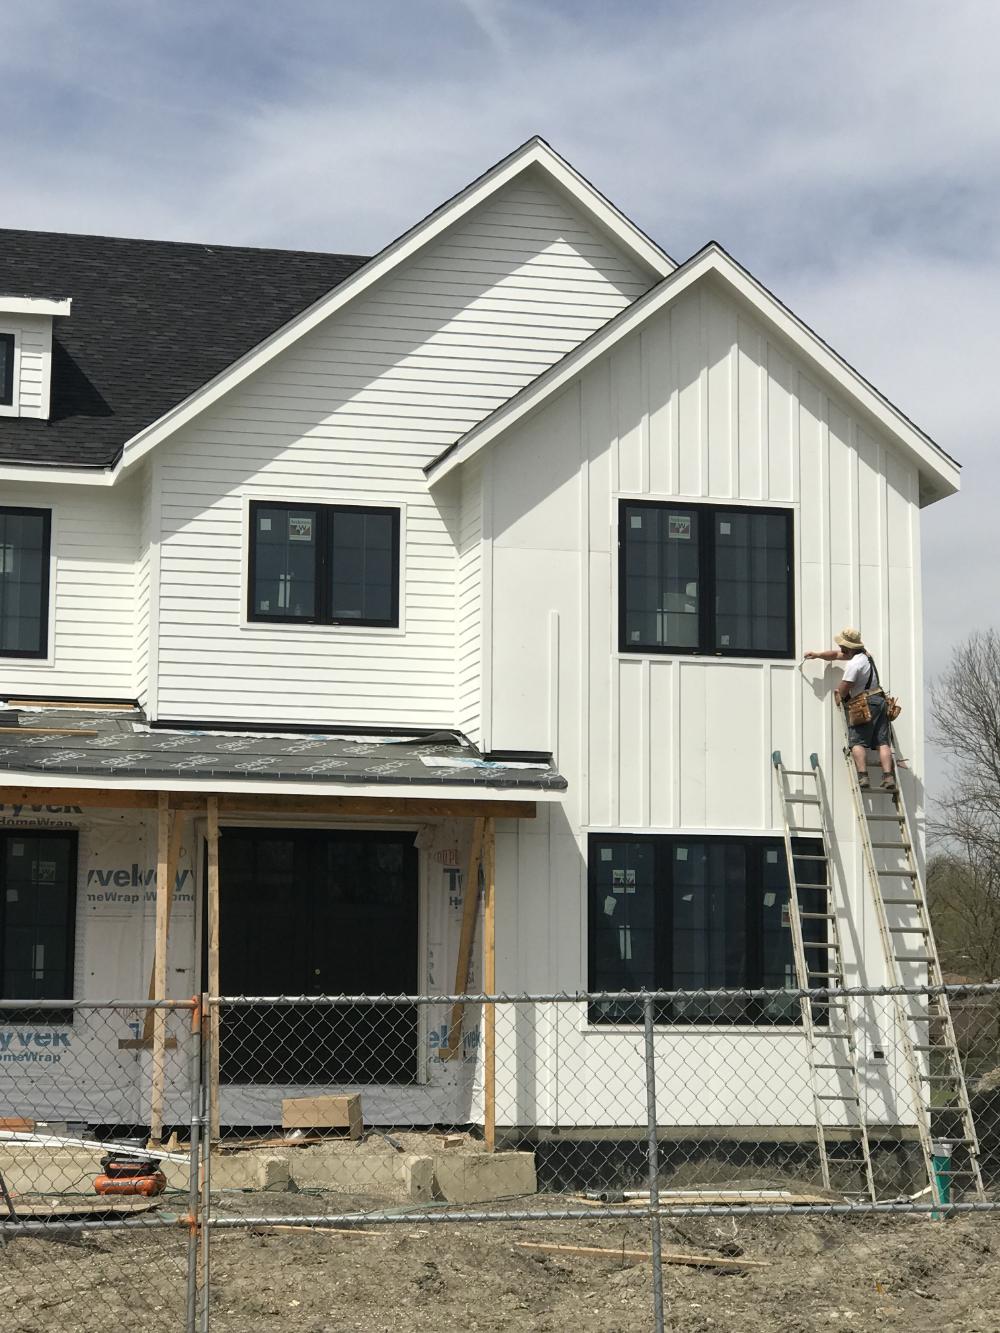 Board And Batten And Lap Siding Google Search In 2020 Modern Farmhouse Exterior Farmhouse Exterior Exterior Siding